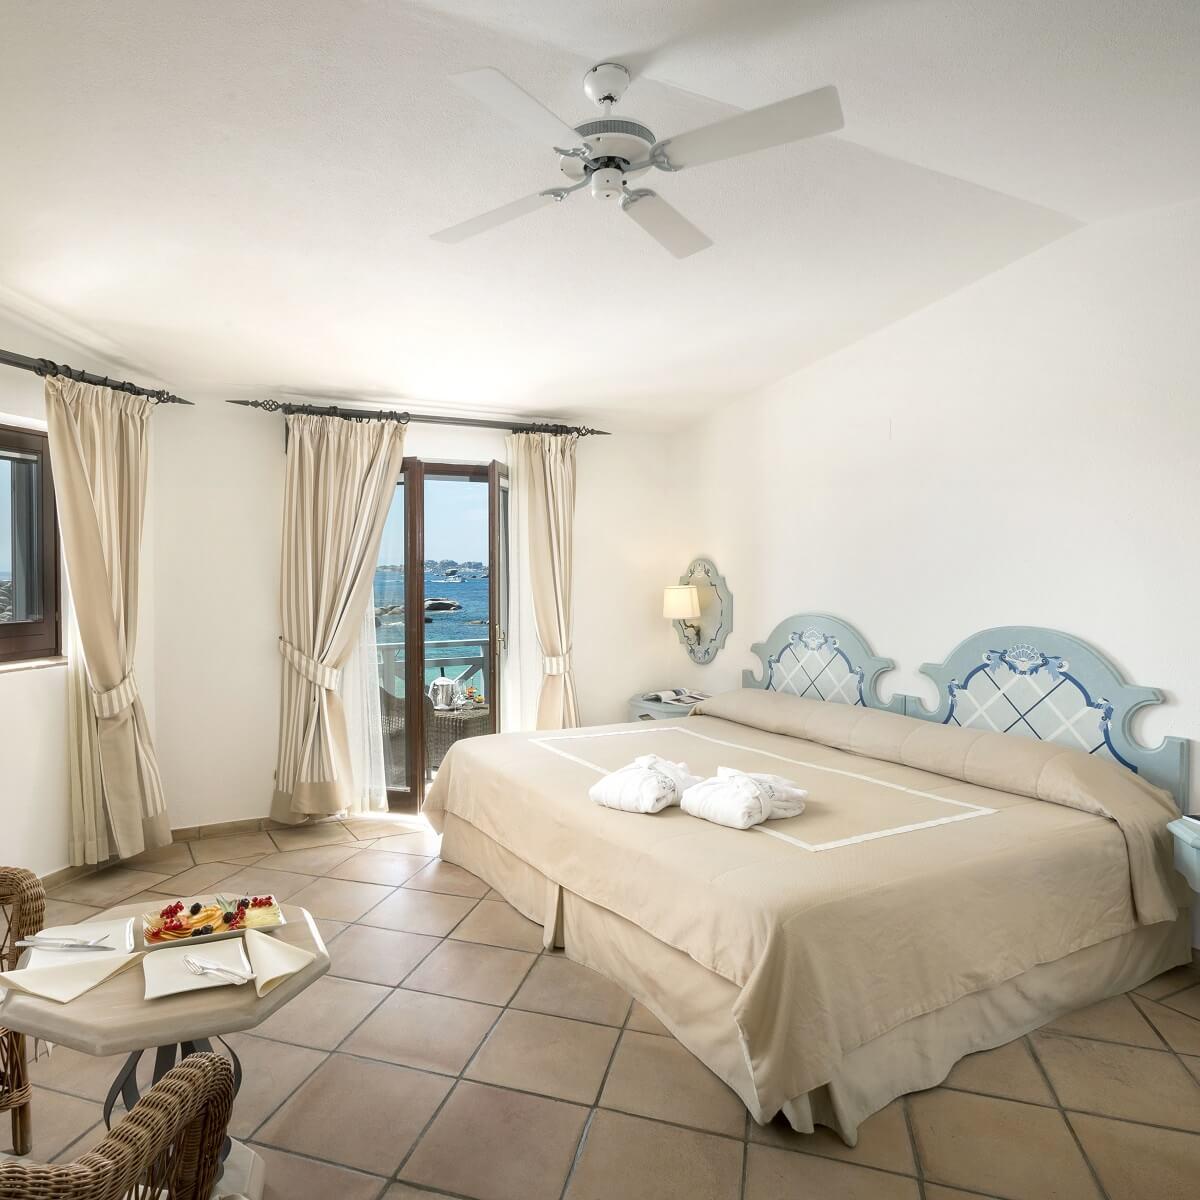 Les plus beaux h tels de charme et demeures de corse - Hotels de charme le treehotel en suede ...